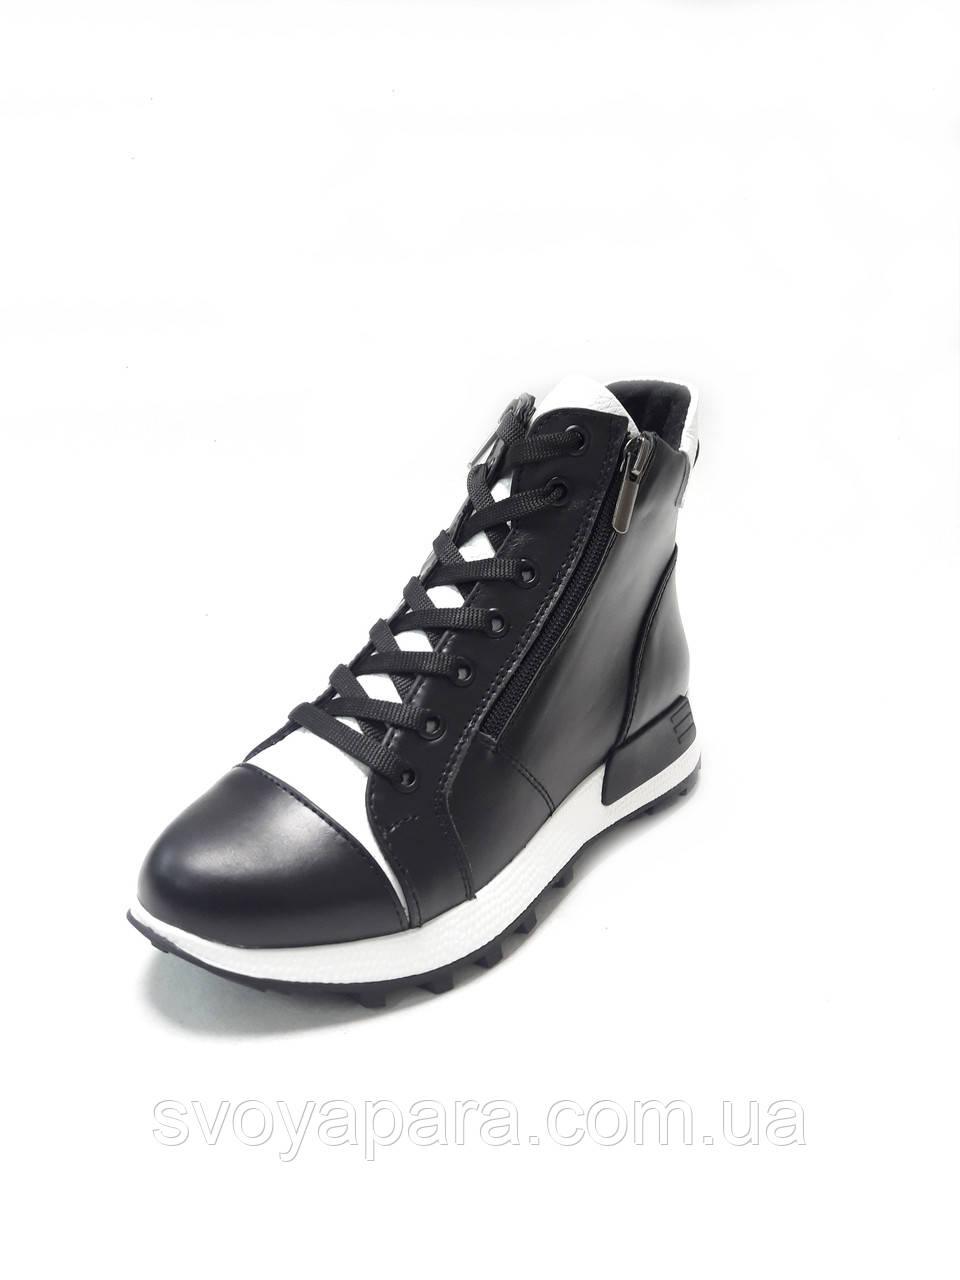 Женские зимние ботинки черные с белым кожаные (100109)